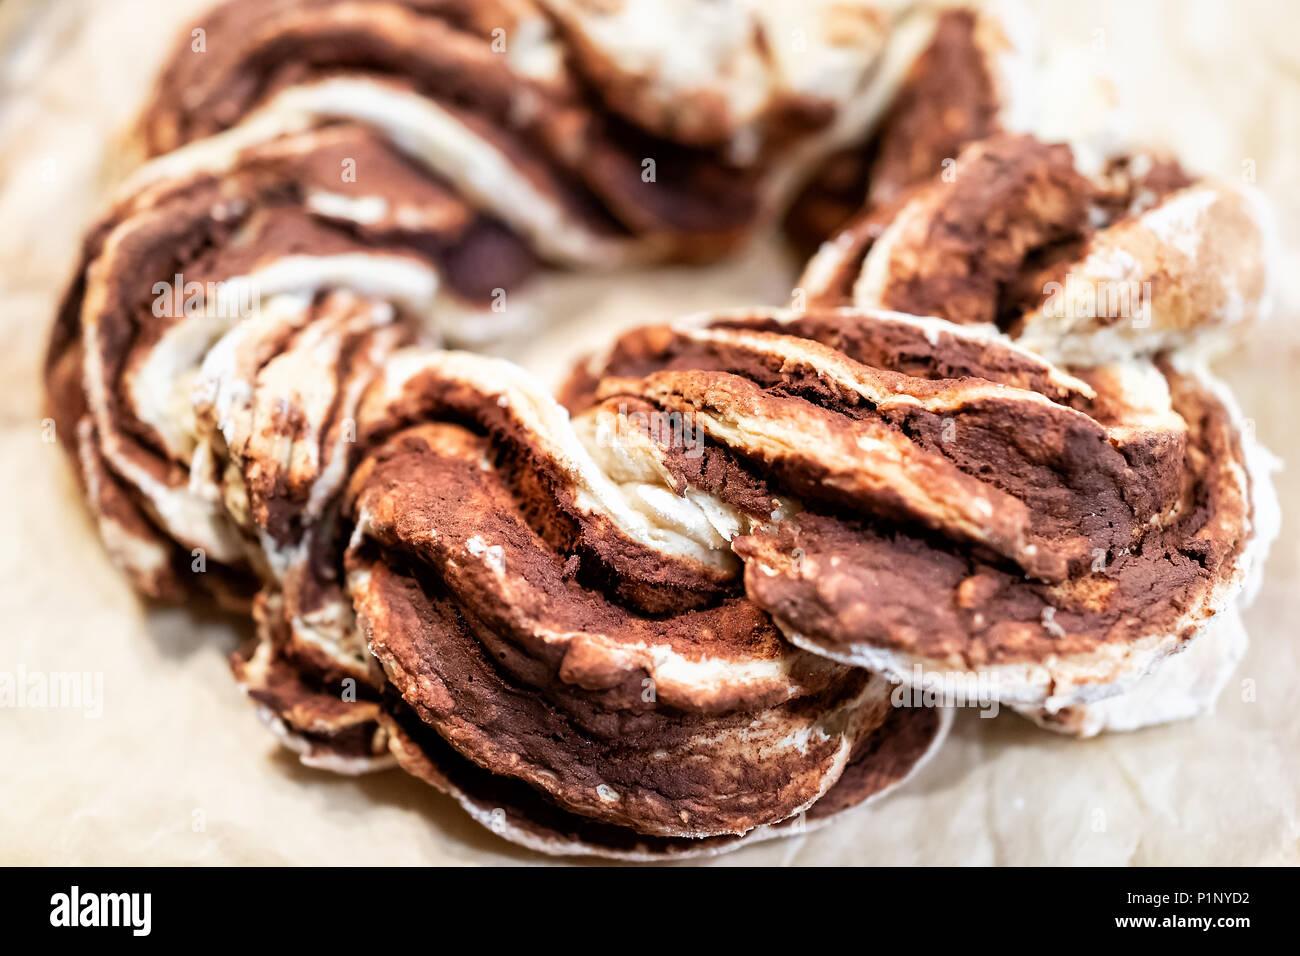 Gros plan du tressé rouge doré au four à la cannelle orange toute torsion swirl pain gâteau en spirale sur le papier parchemin bac pour des vacances festives Photo Stock